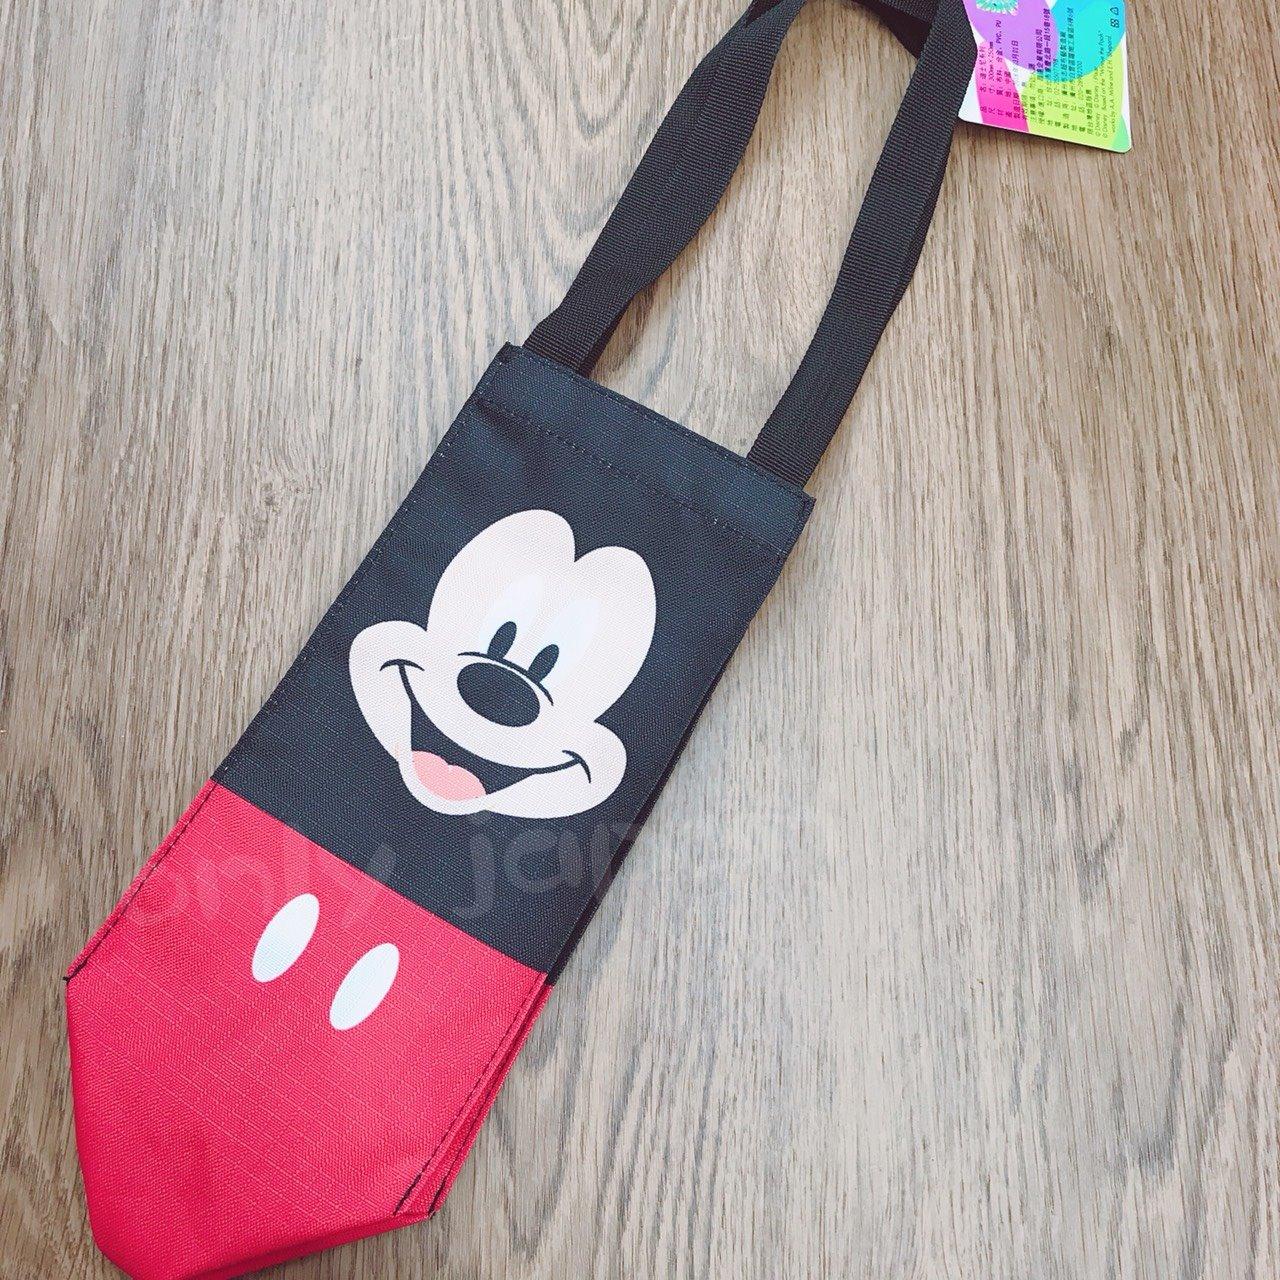 【真愛日本】18042000016 水壺提袋-MK 迪士尼 米老鼠 米奇 提袋 水壺提袋 小物收納 日用品 環保袋 手提袋